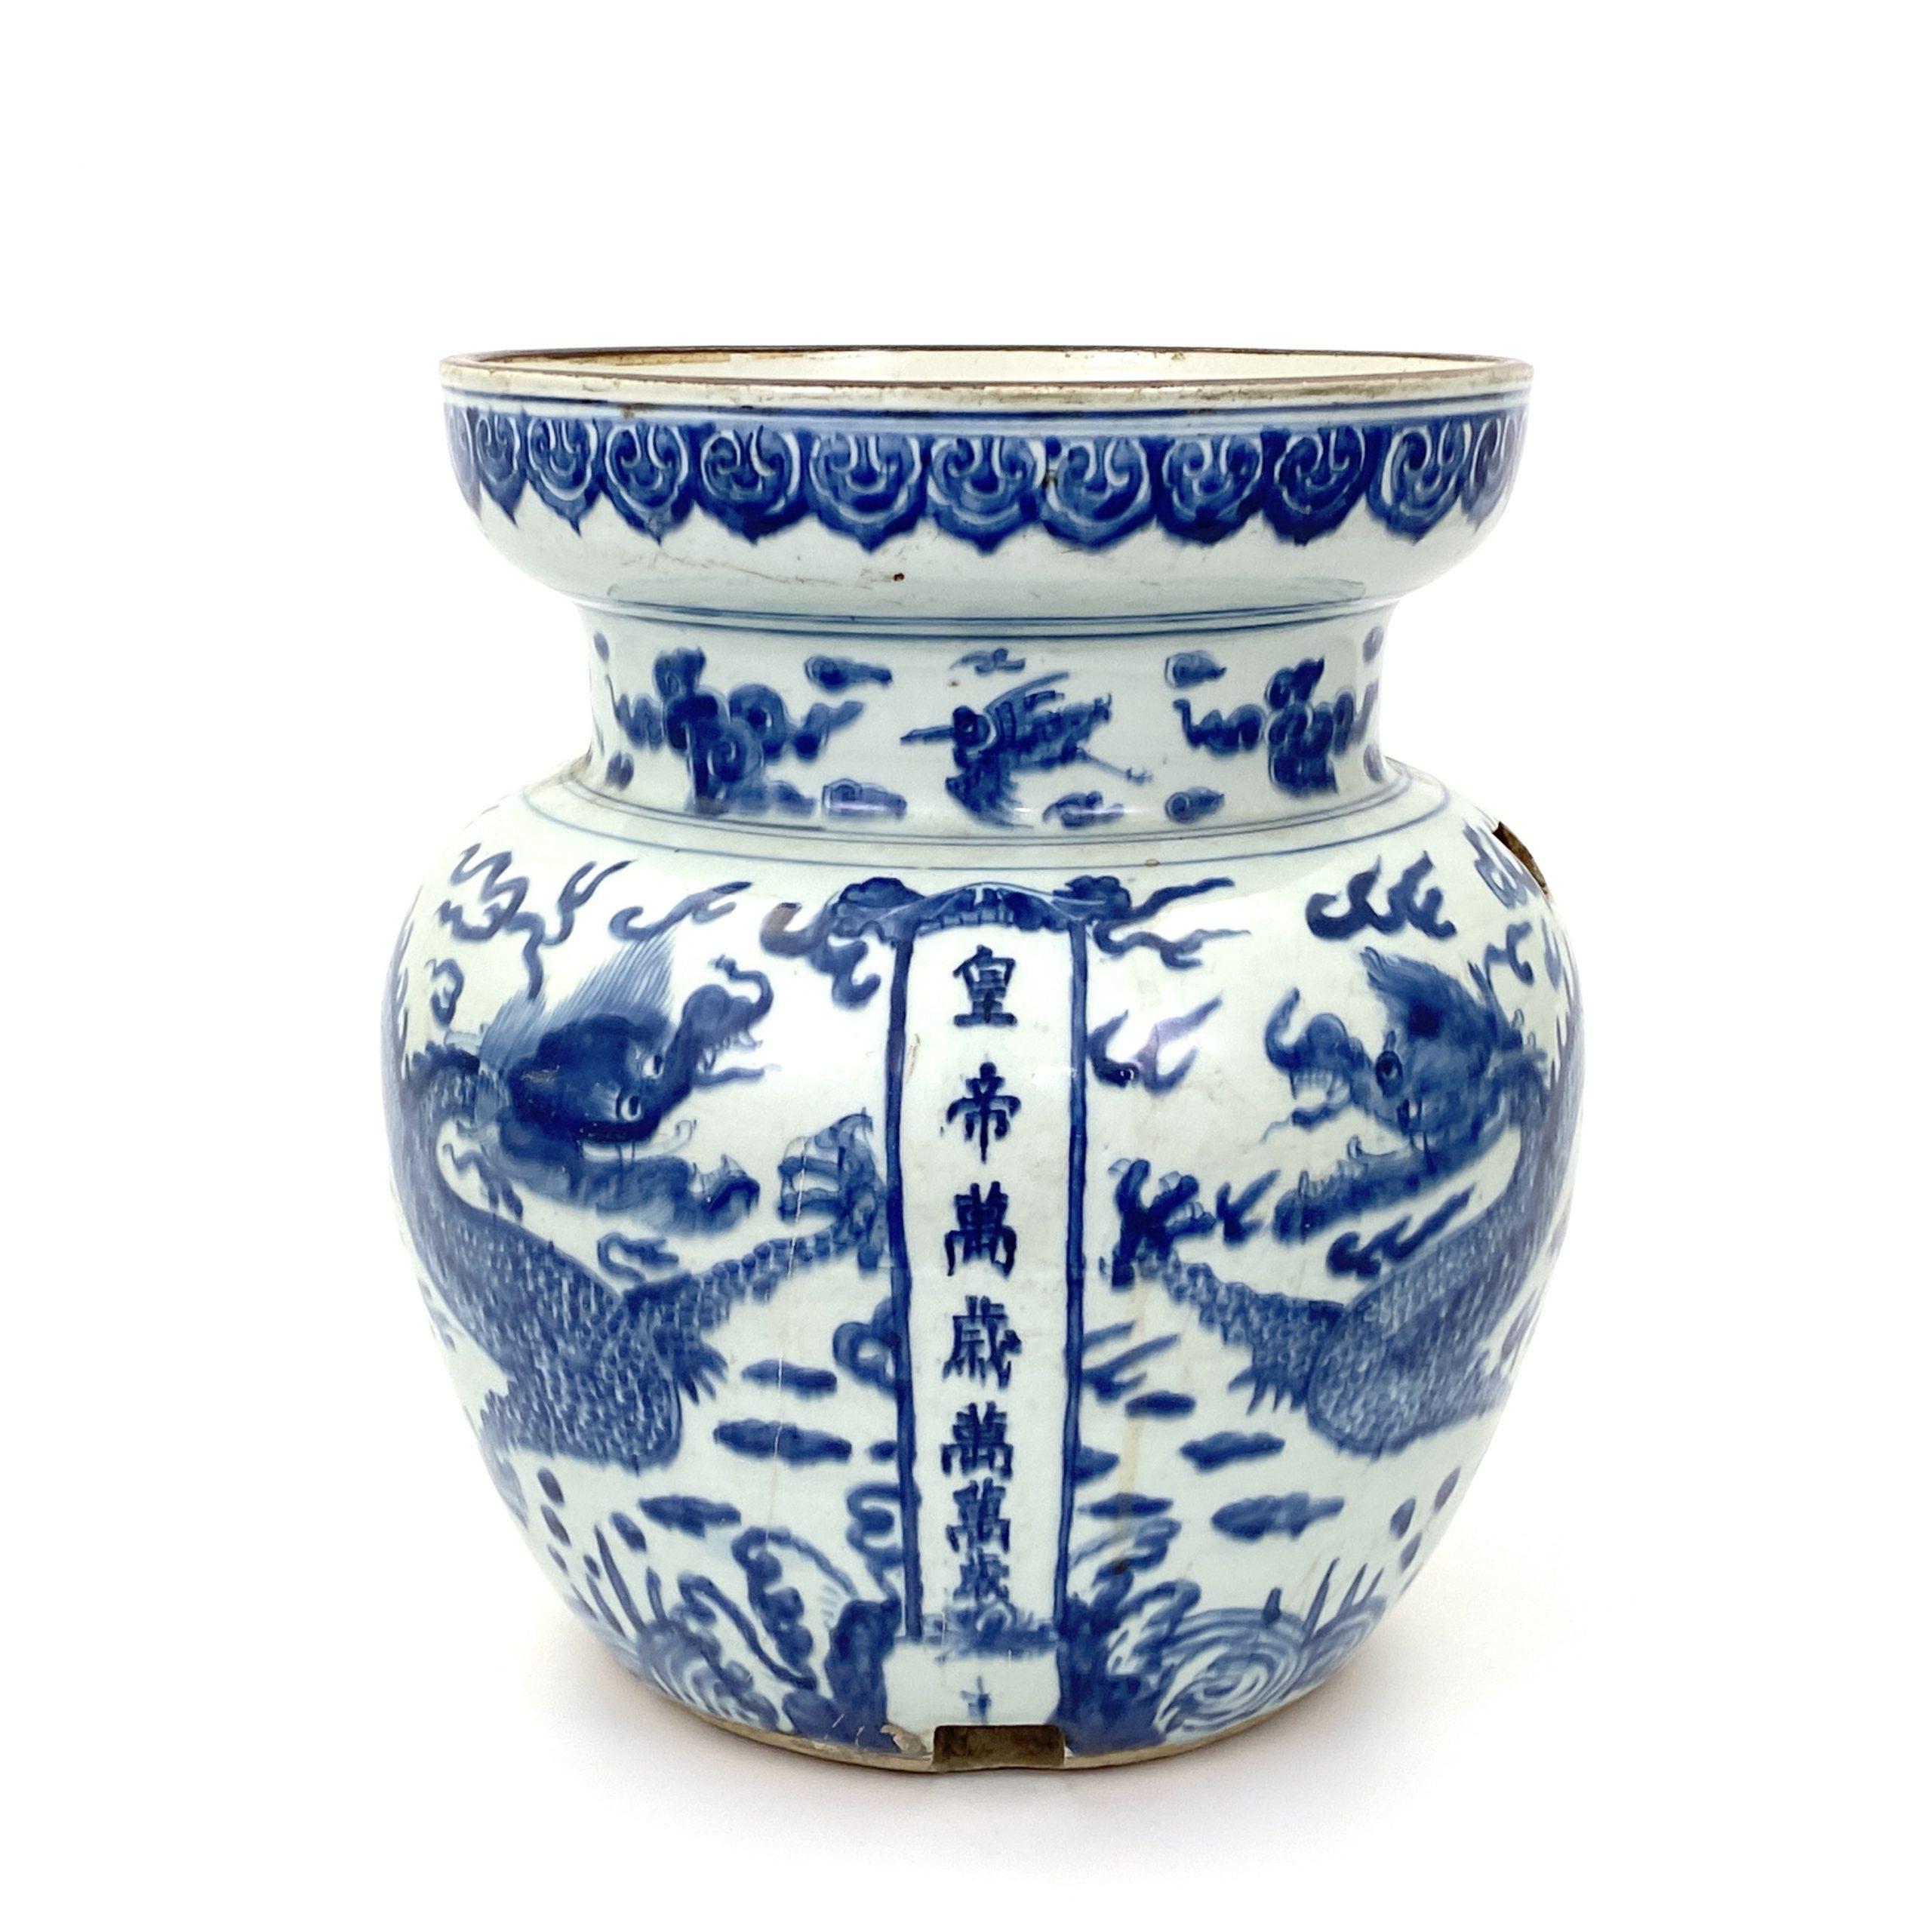 21050「清 康煕~」款 青花 雲龍図 蘭鉢